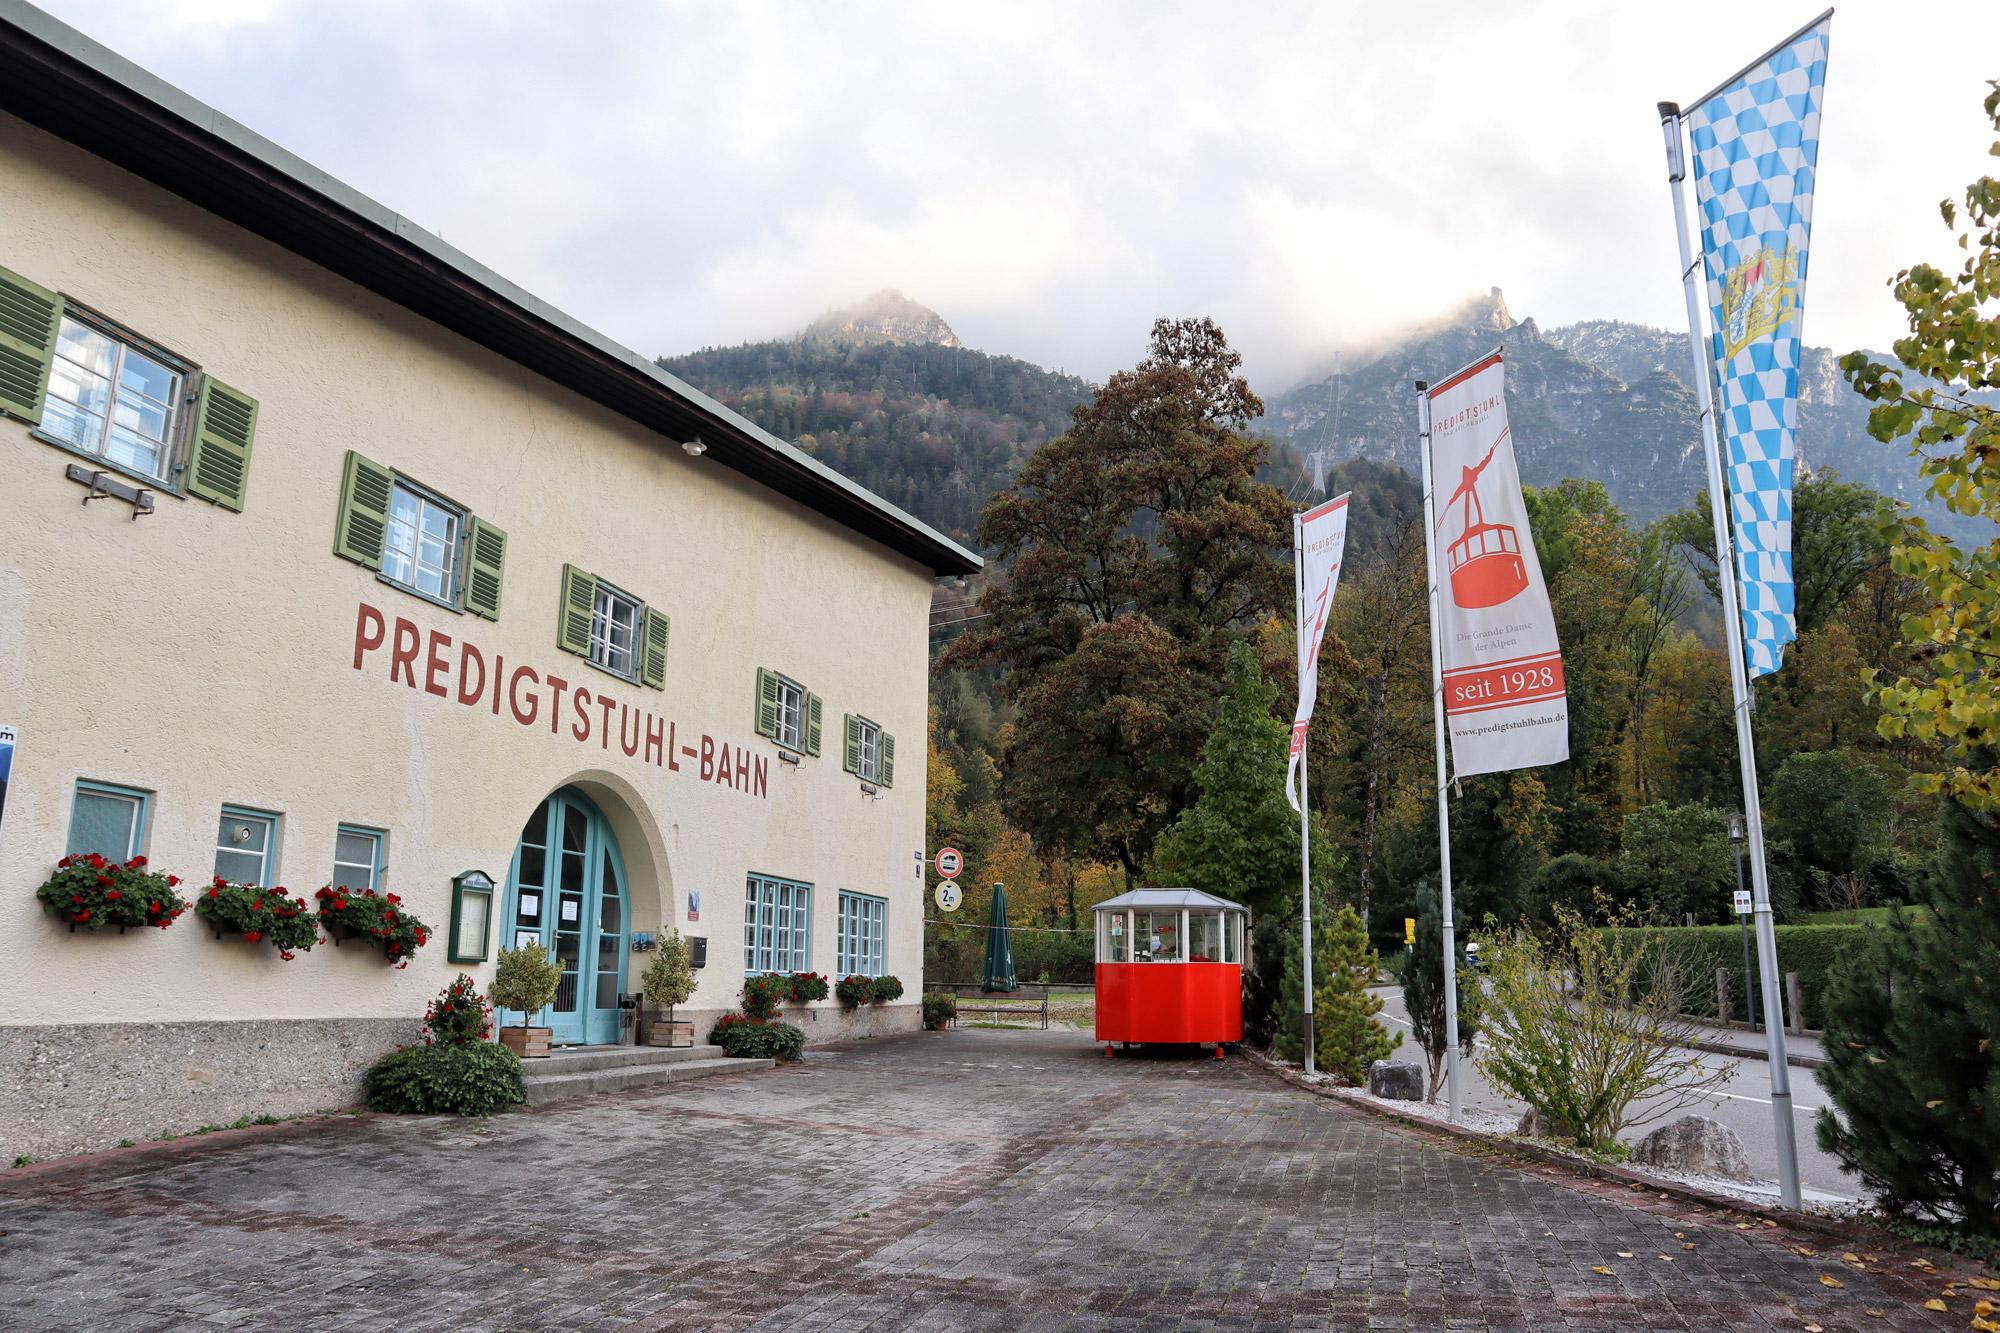 Doen in Berchtesgadener Land: Naar de top van de Predigtstuhl